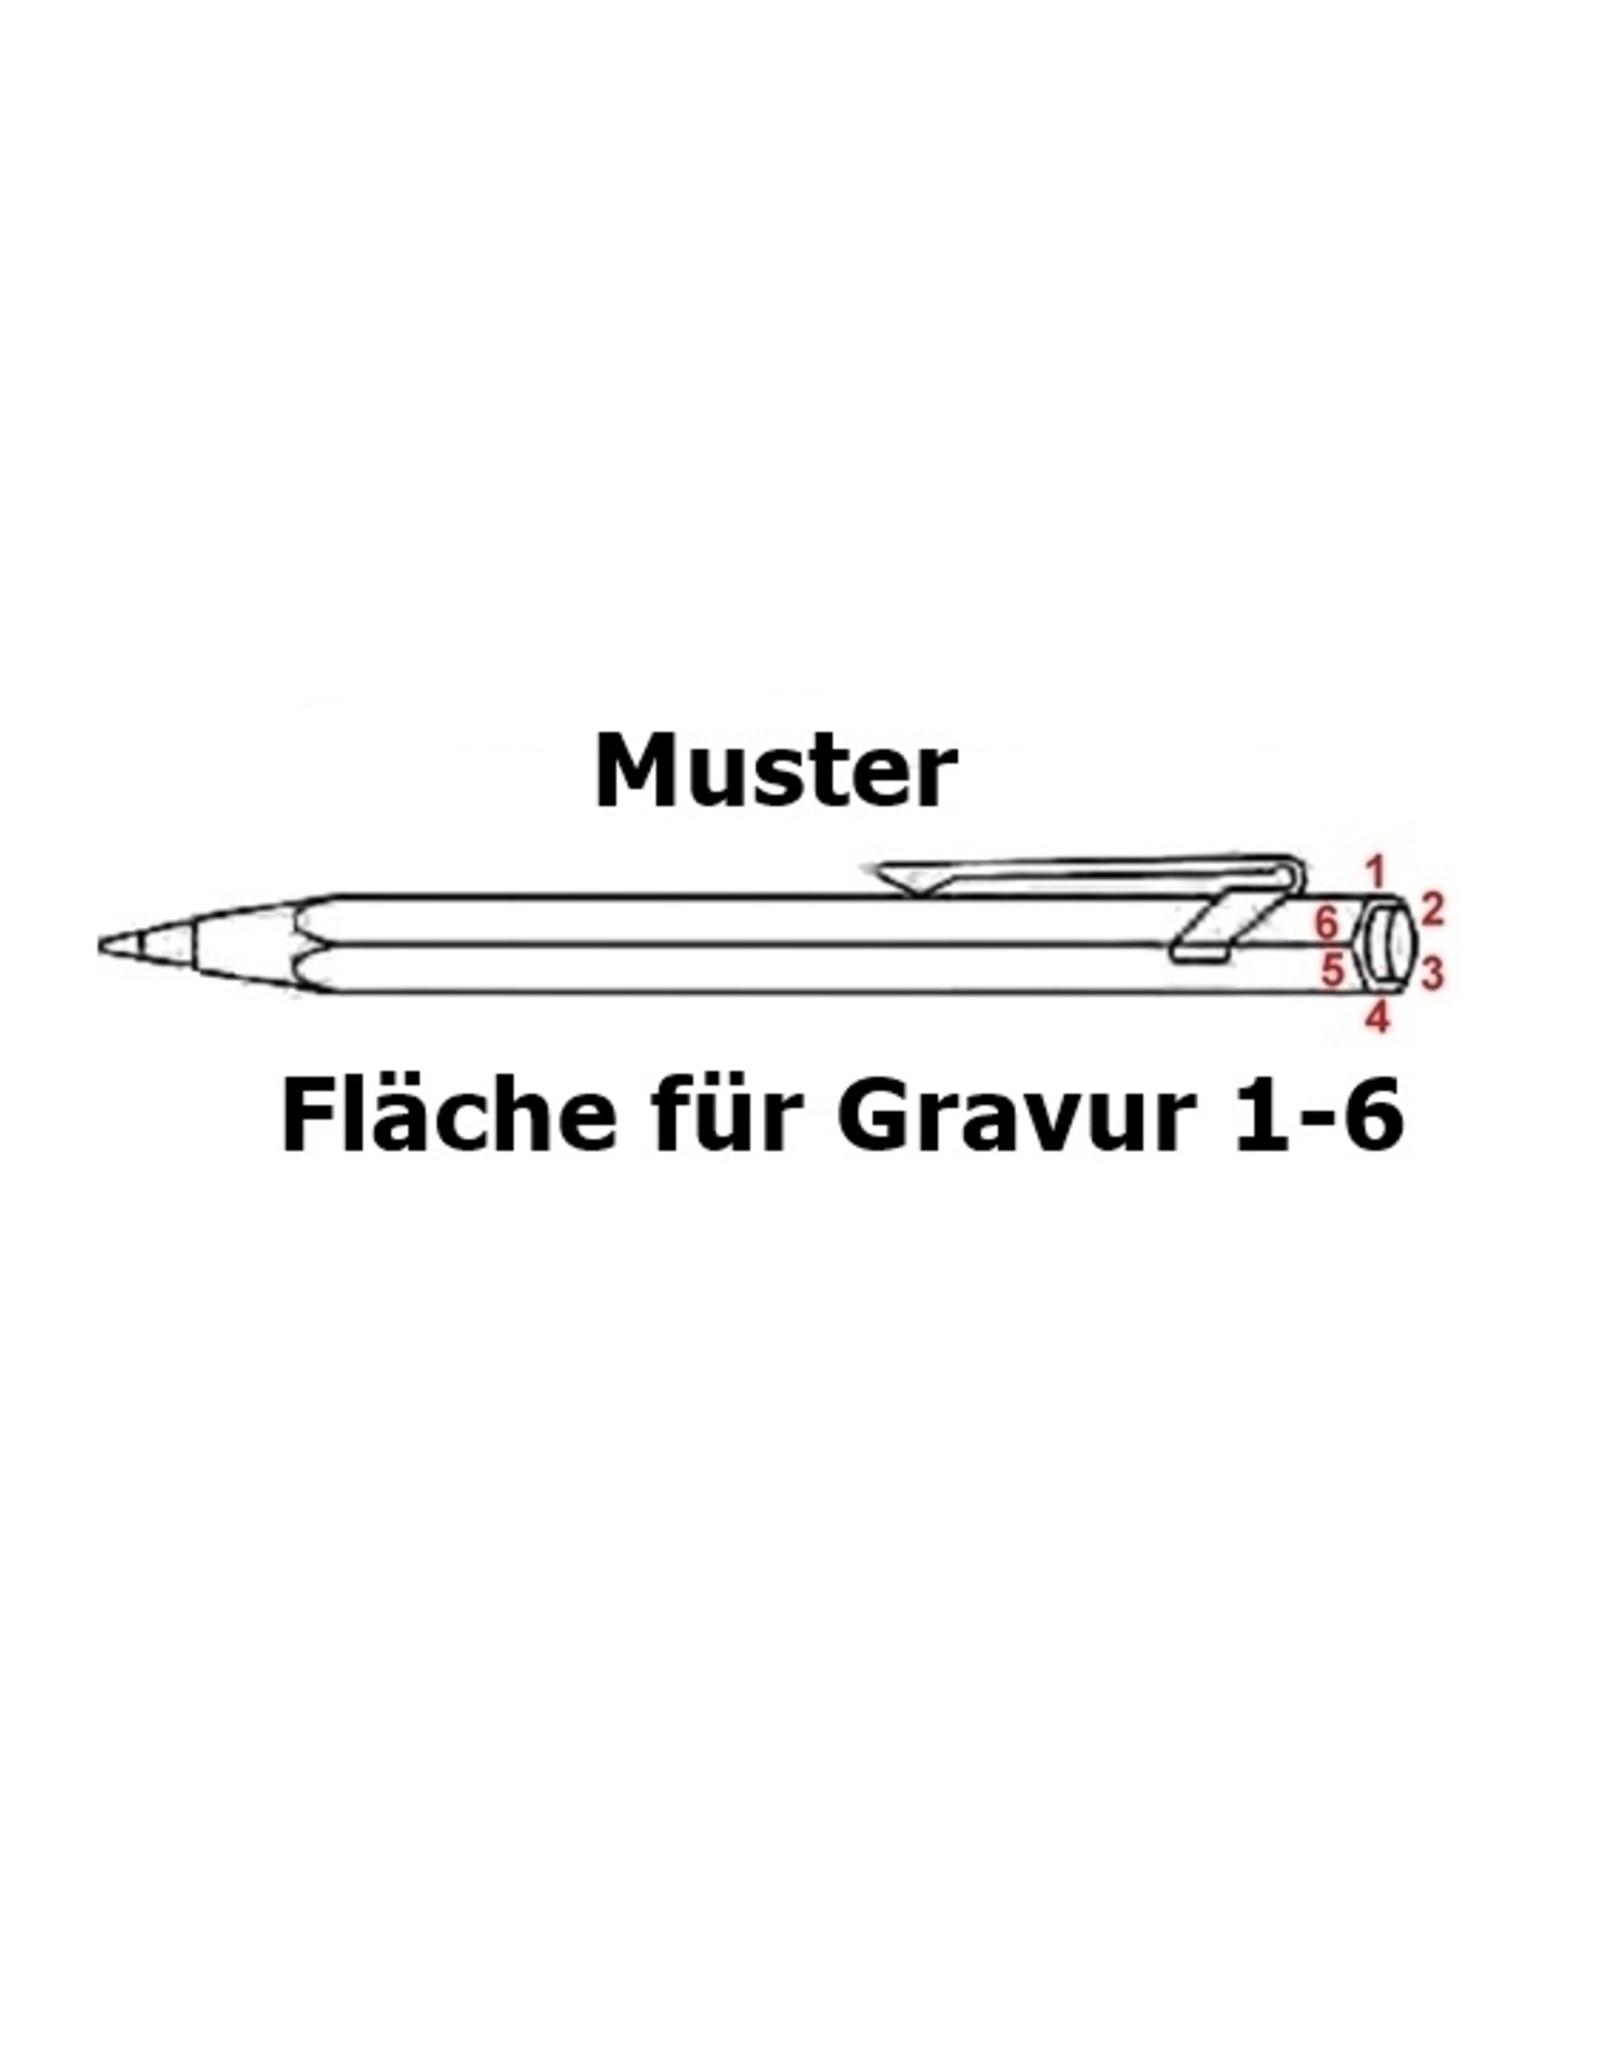 849 CLASSIC LINE grau Kugelschreiber oder Minenhalter inkl. Gravur  und Karton-Geschenkverpackung